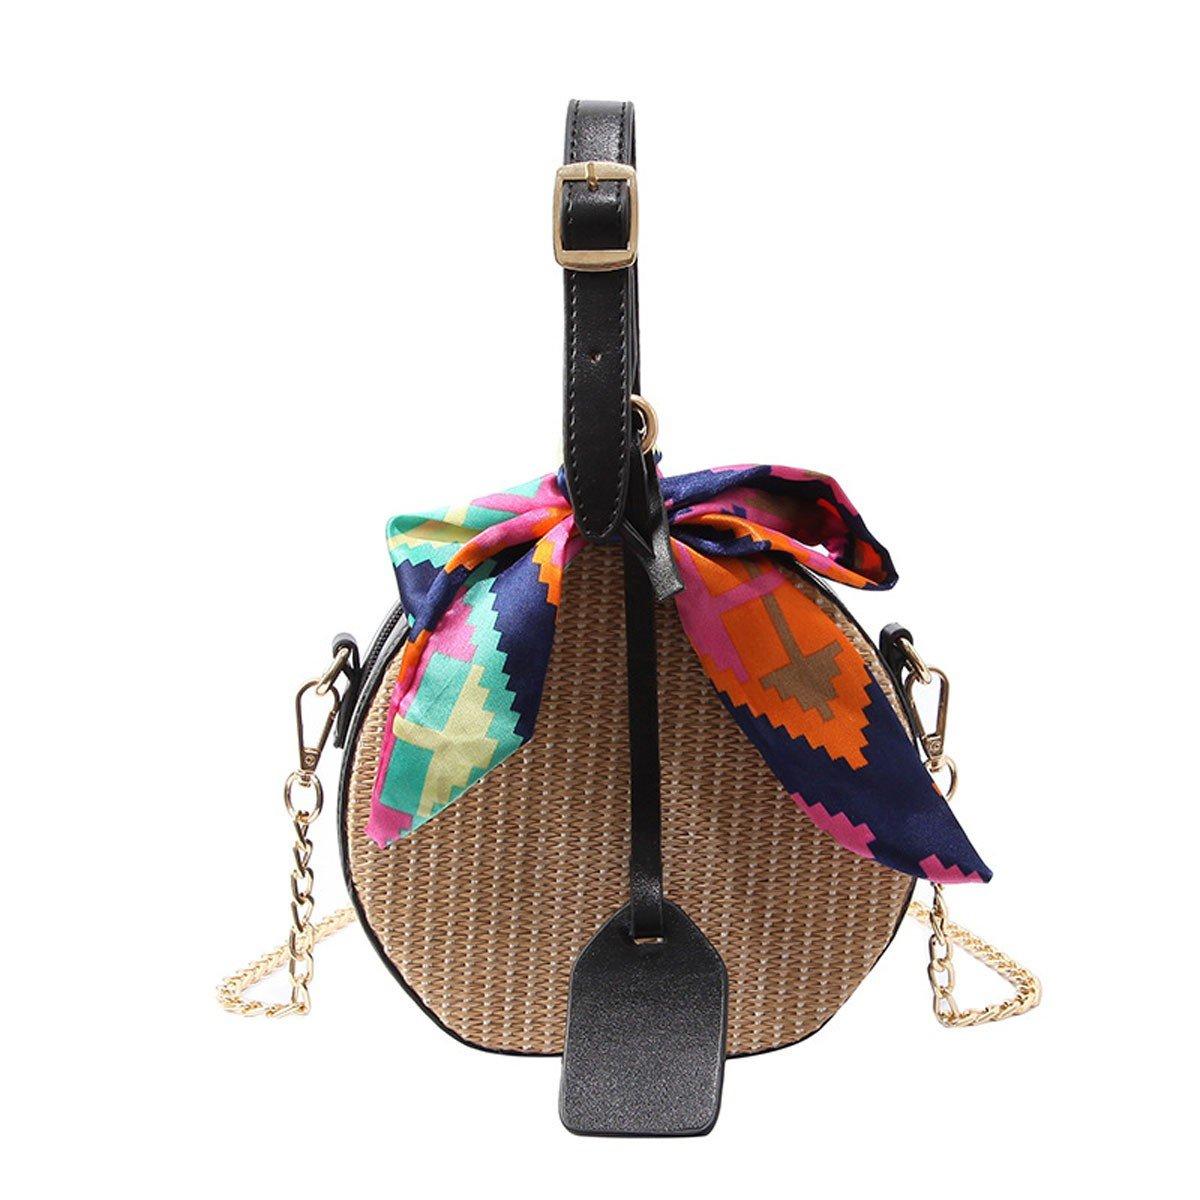 WFYJY-Stroh aus Tasche badetasche Schulter-Schulter-Kette Tasche Fliege Mode-Schal Frauen-Tasche.